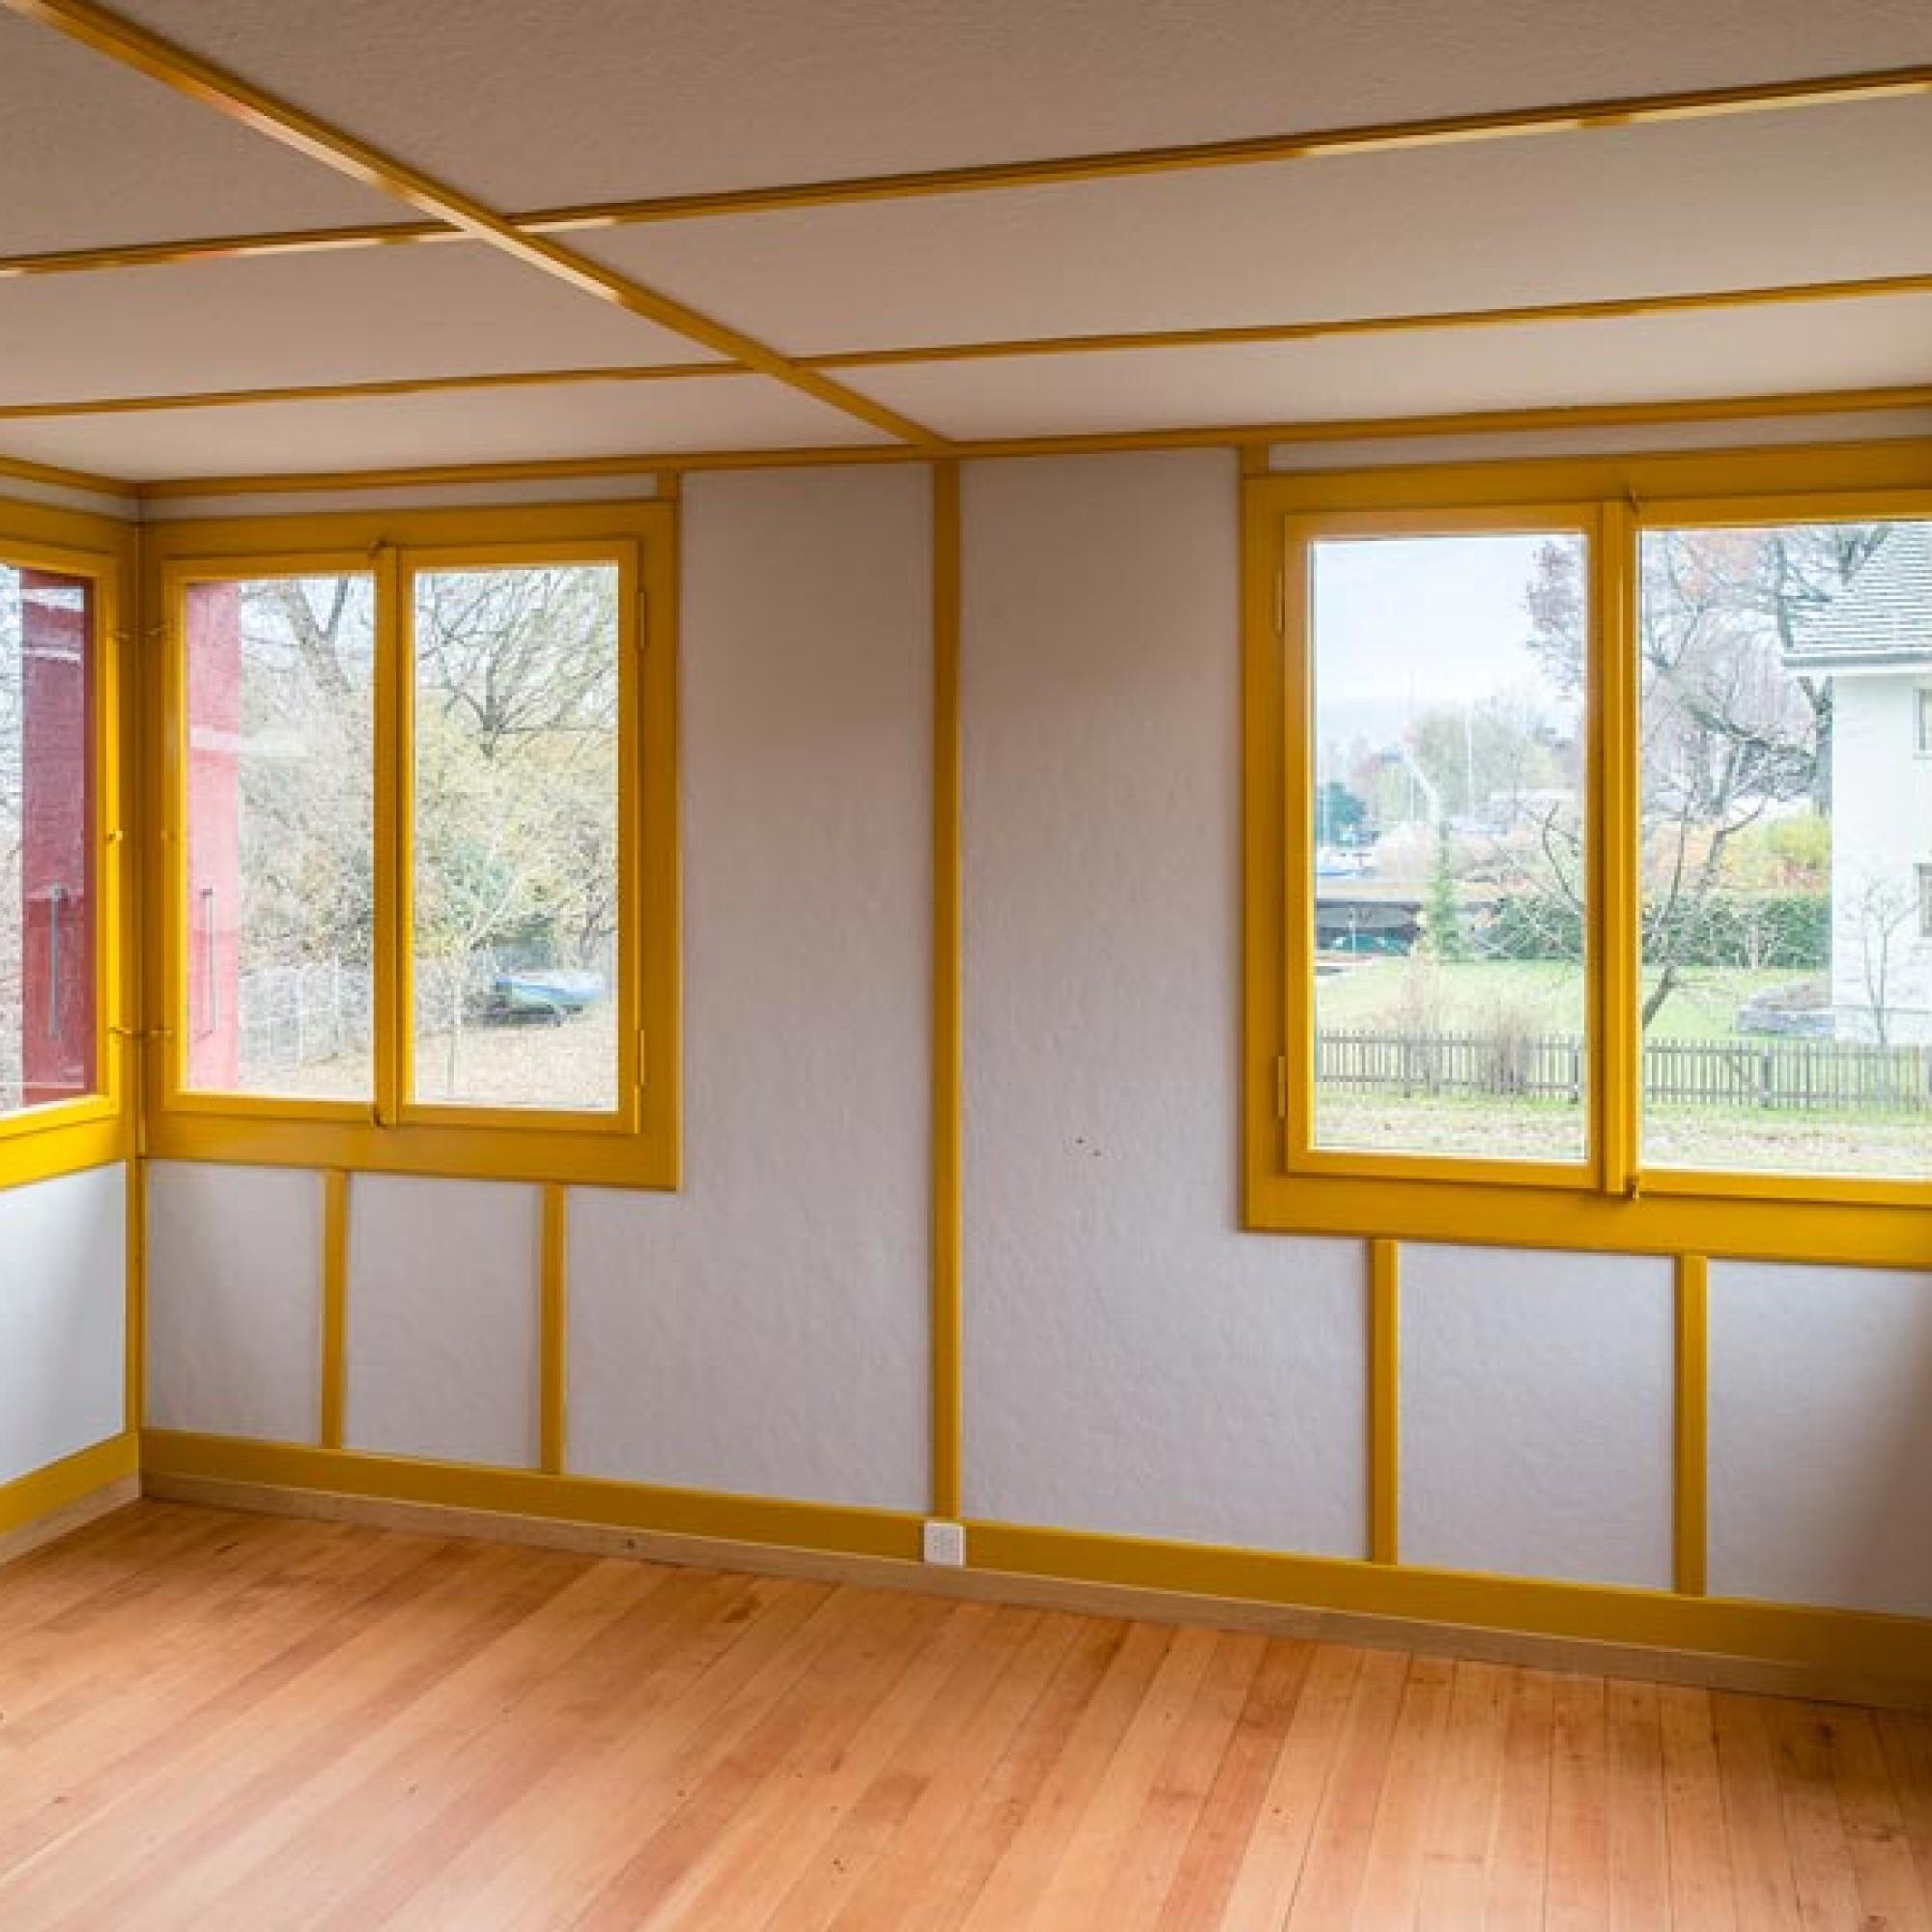 Die originalen Fenster haben zweifarbige Rahmen. Sie sind innen wieder postgelb, aussen blaugrün gestrichen und lassen sich ganz zur Seite klappen.